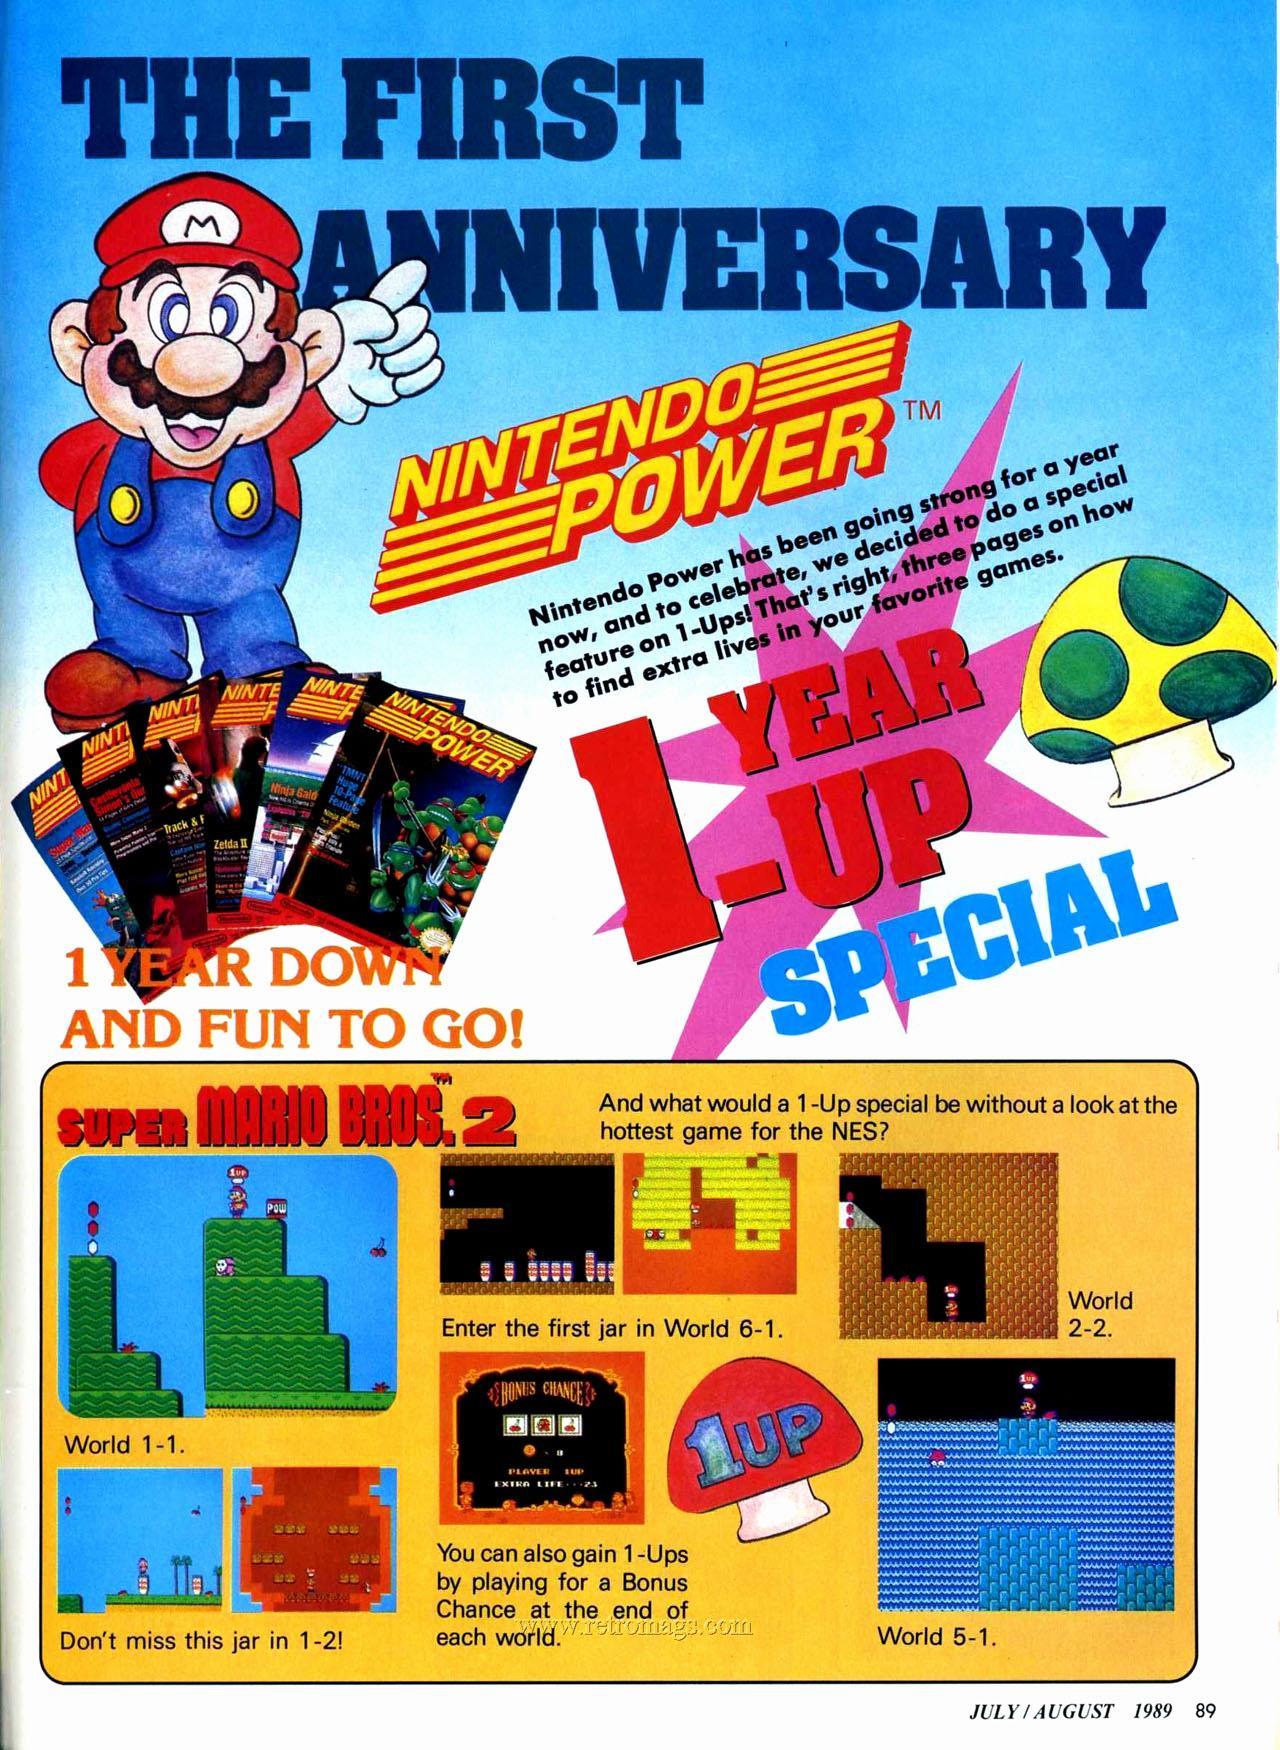 Super Mario Bros  2 - 1 UP Guide in Nintendo Power Vol  7